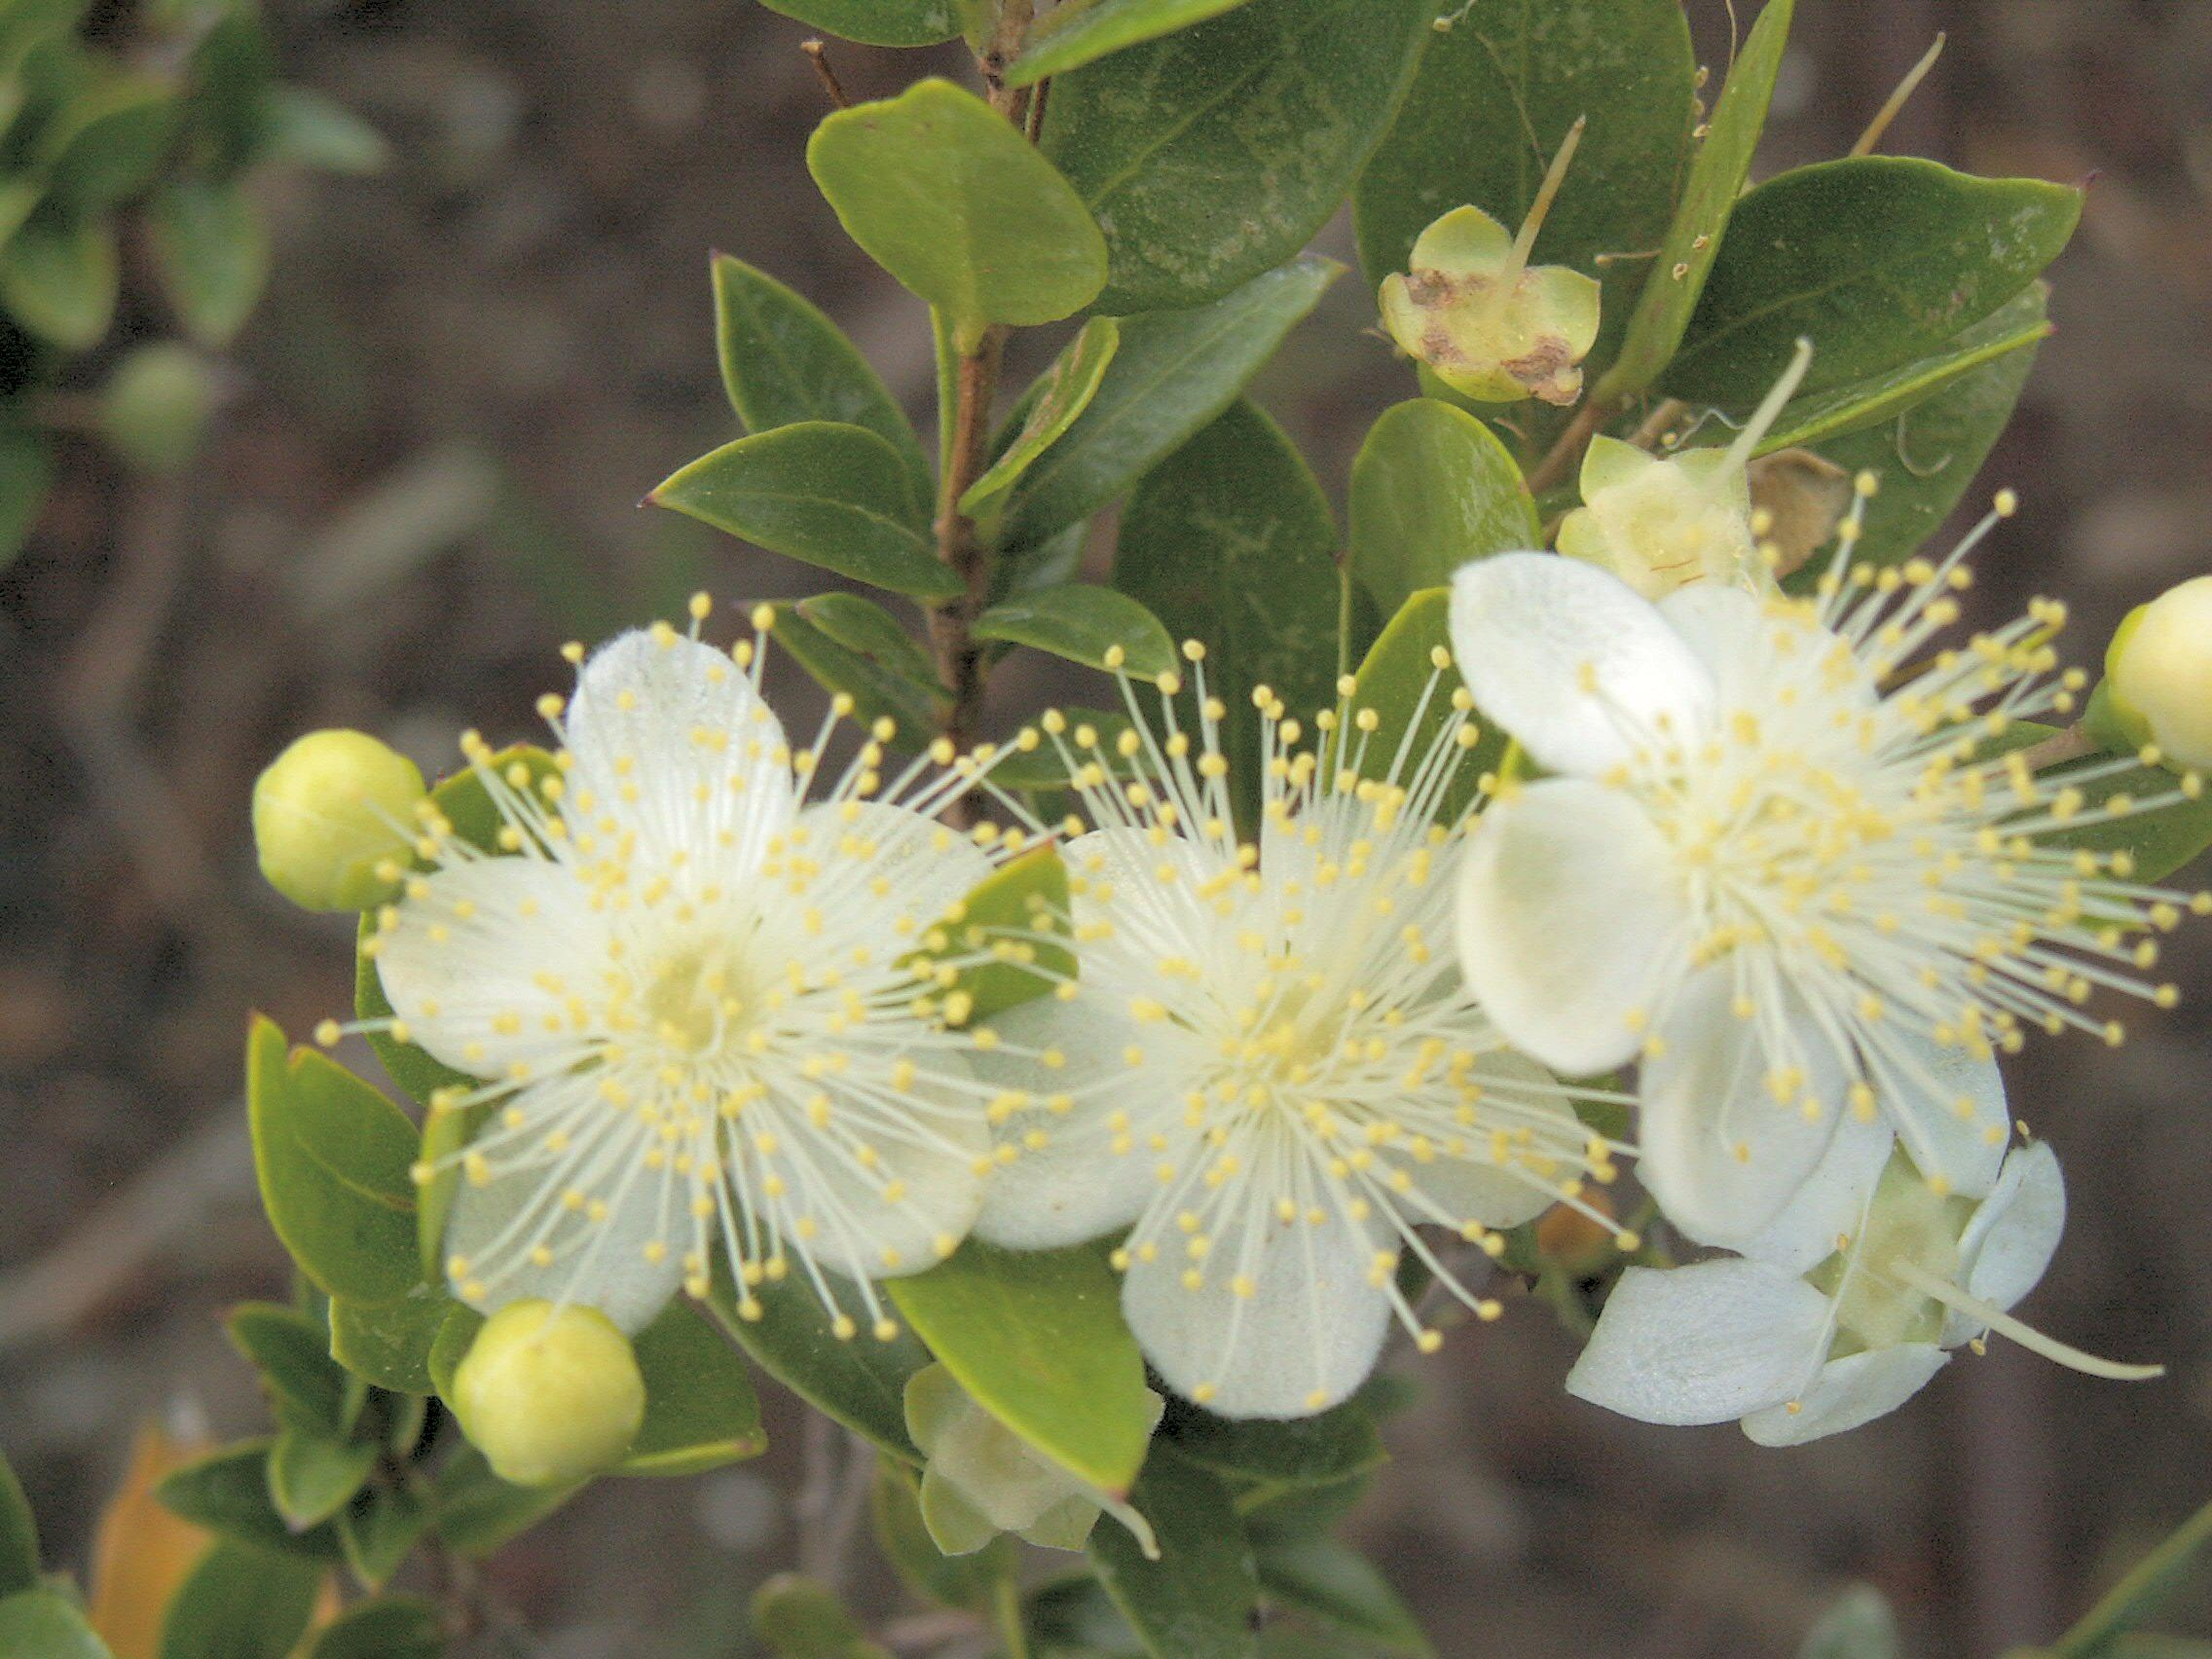 myrtus_flowering.jpg